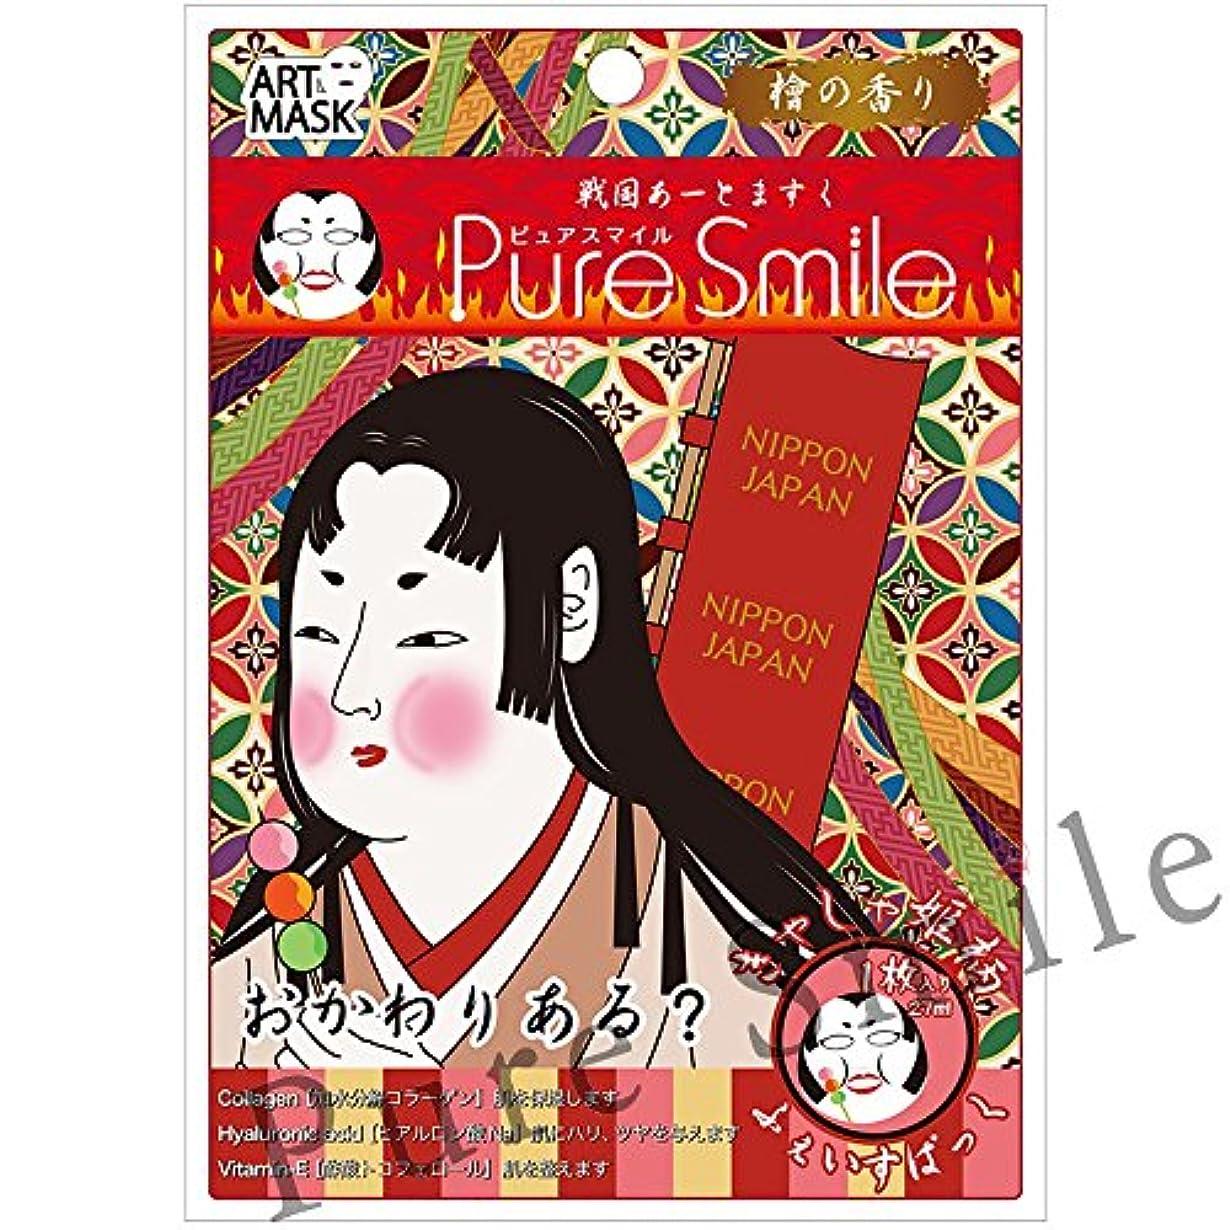 キャプテンブライ群れ住人Pure Smile(ピュアスマイル) フェイスマスク/アートマスク『戦国アートマスク』(きゃしゃ姫/檜の香り)